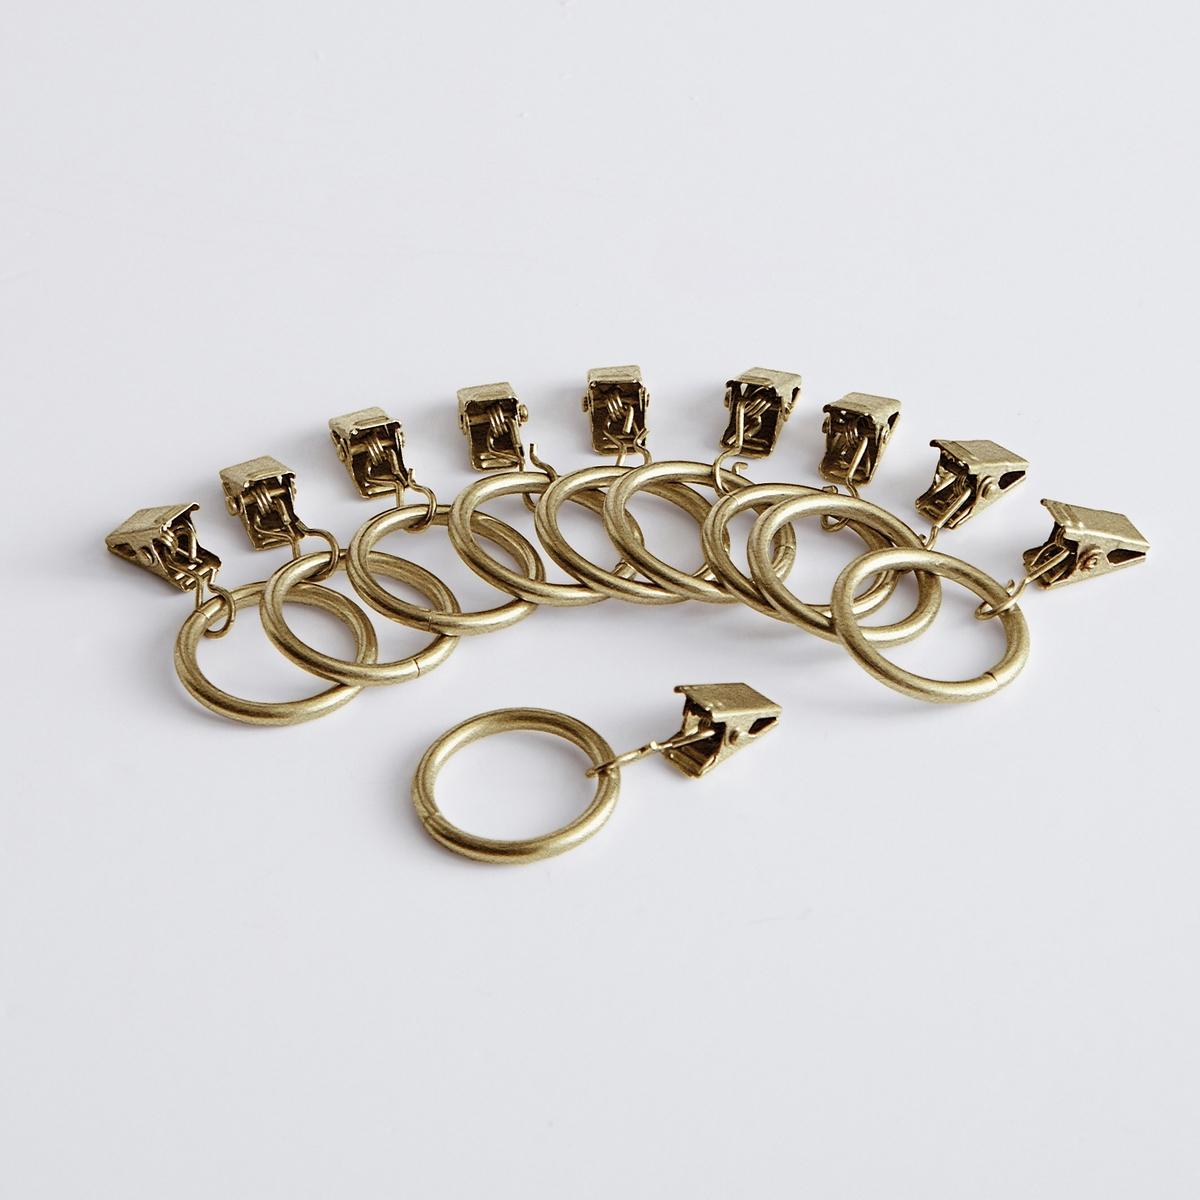 Кольца с зажимами для штор ONEGA (10 шт.)Комплект из 10 колец с зажимами для штор Onega.  Быстрый и современный способ повесить шторы. Из металла. Внутренний диаметр кольца 2,5 см.<br><br>Цвет: старинная латунь